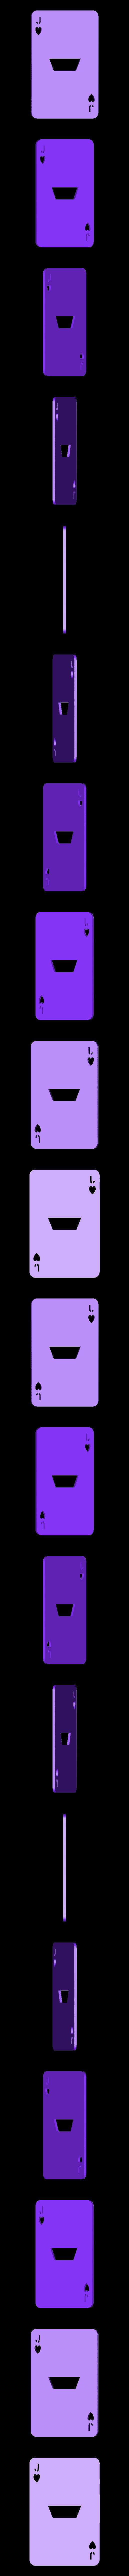 Hearts_11_hole.stl Télécharger fichier SCAD gratuit Les cartes à jouer • Objet imprimable en 3D, yvrogne59